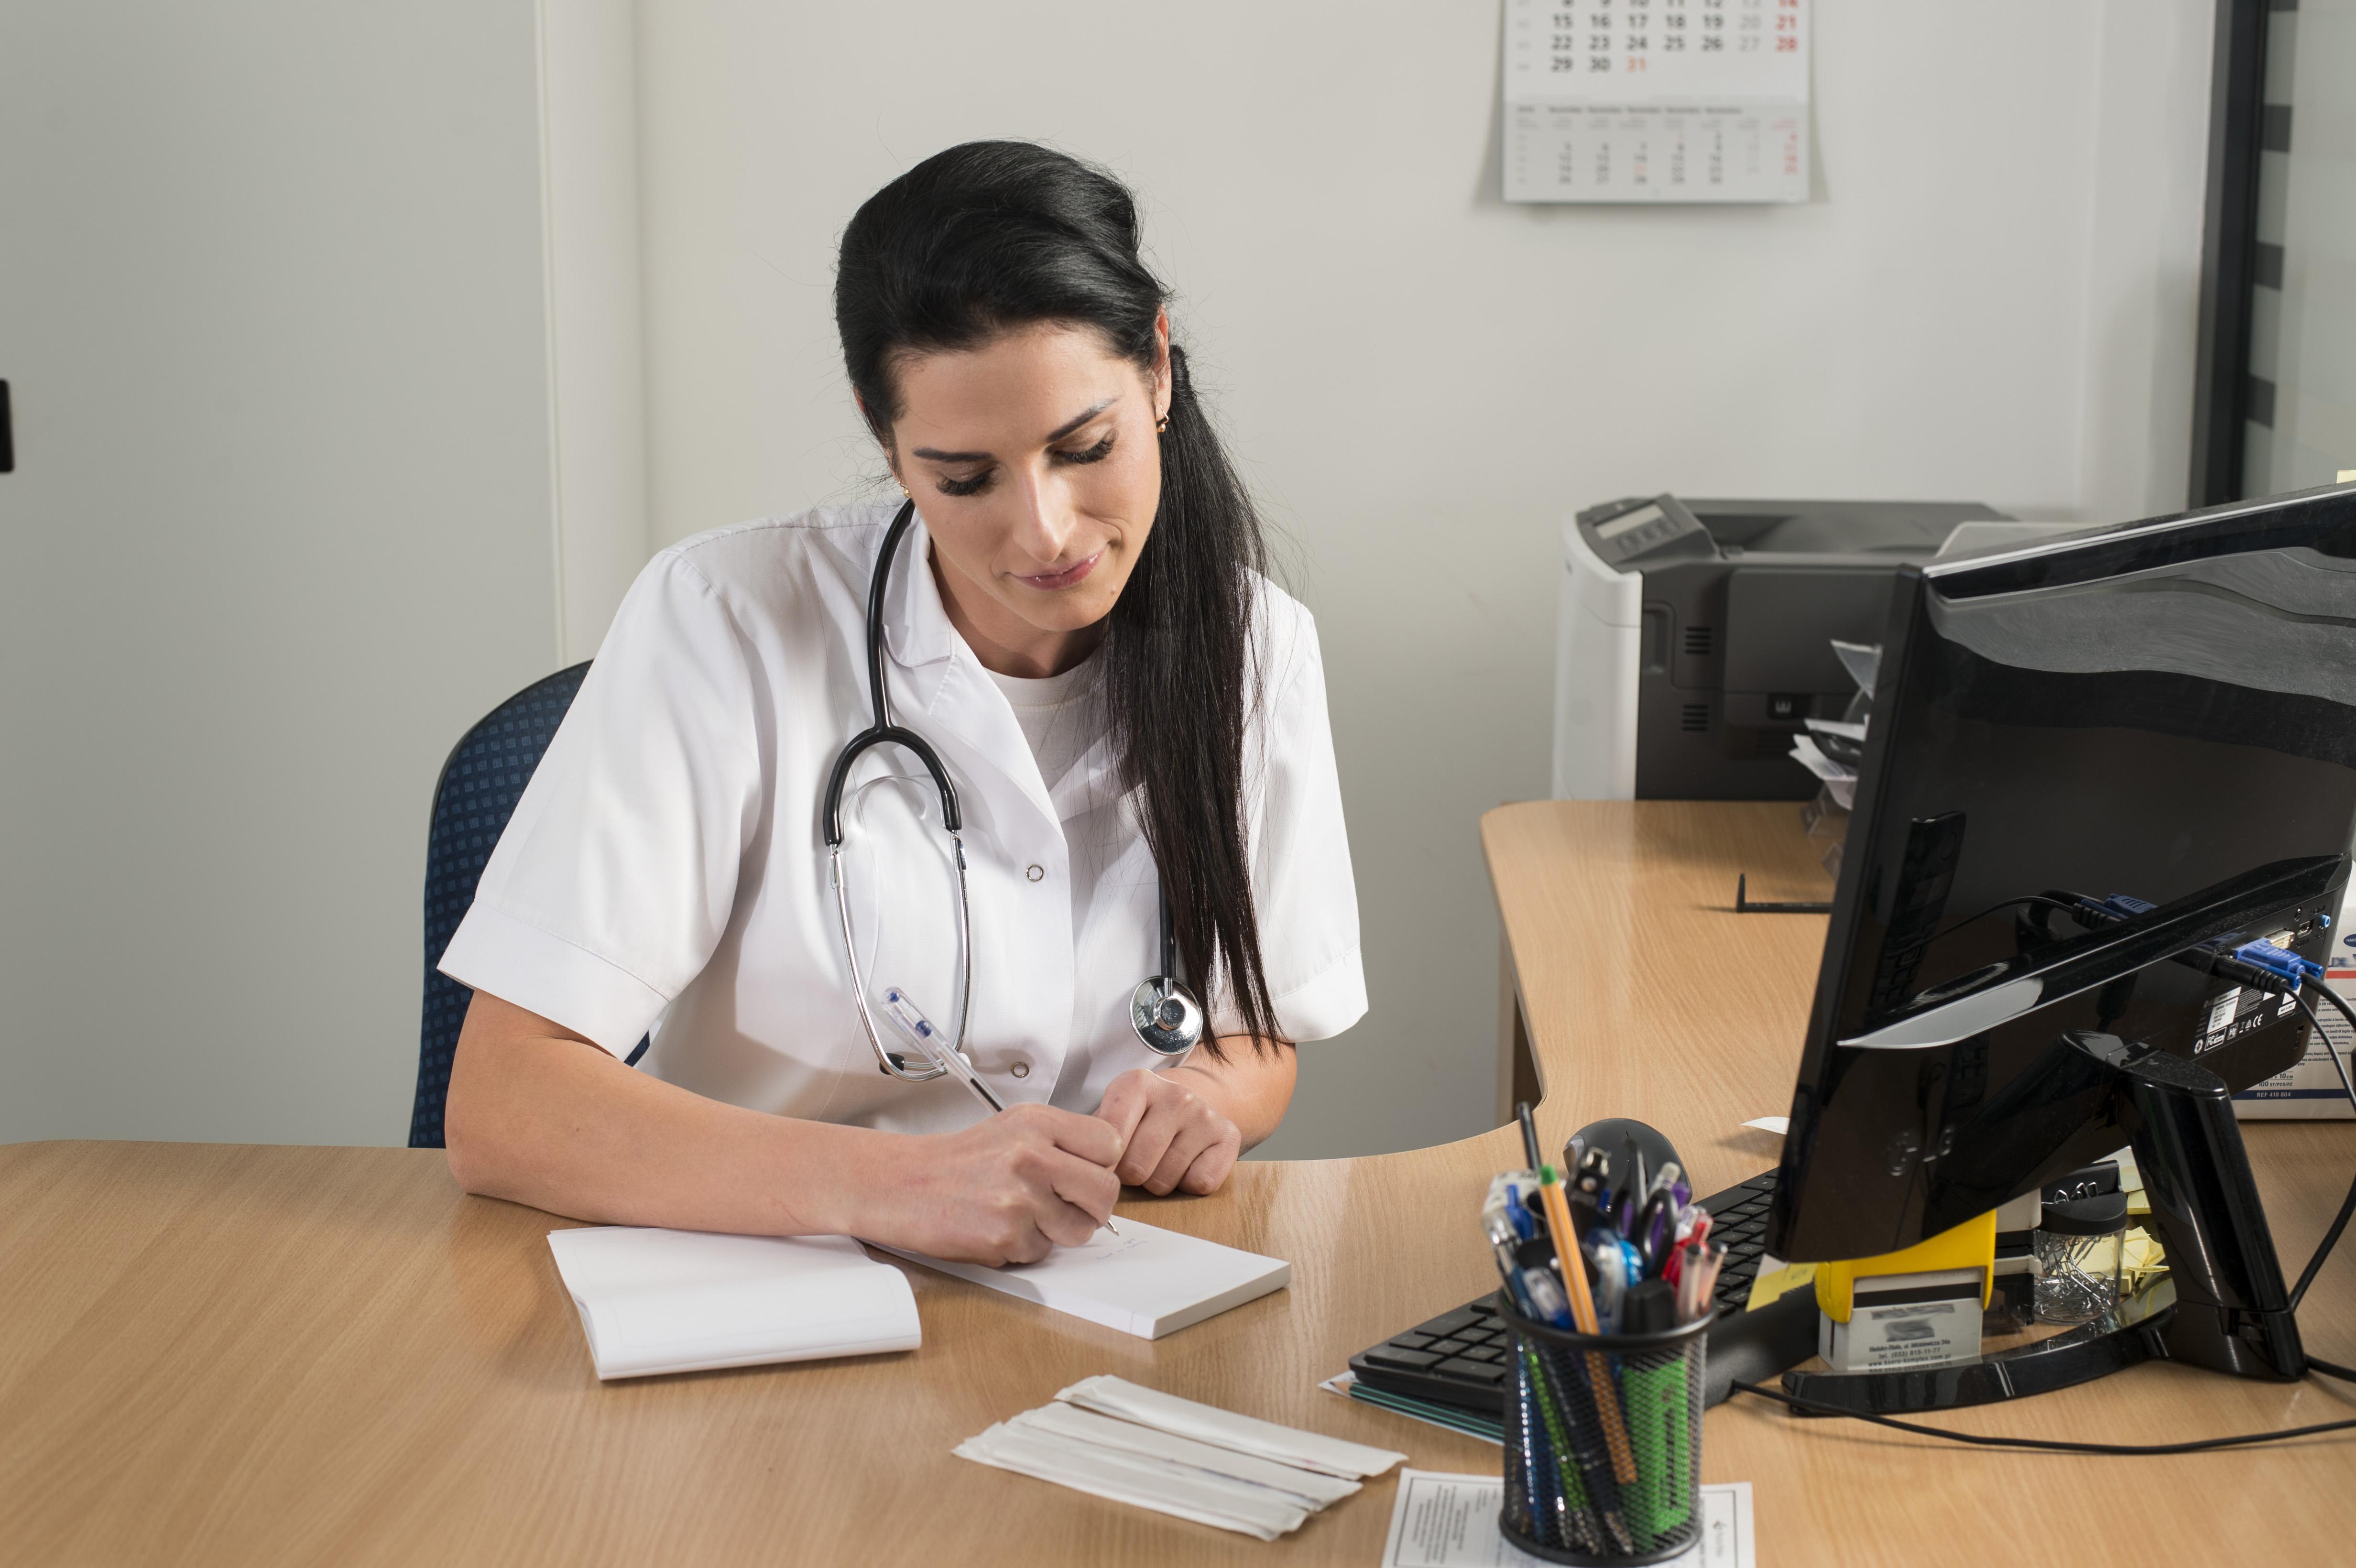 Szkolenie okresowe bhp pracodawców i innych osób kierujących personelem medycznym